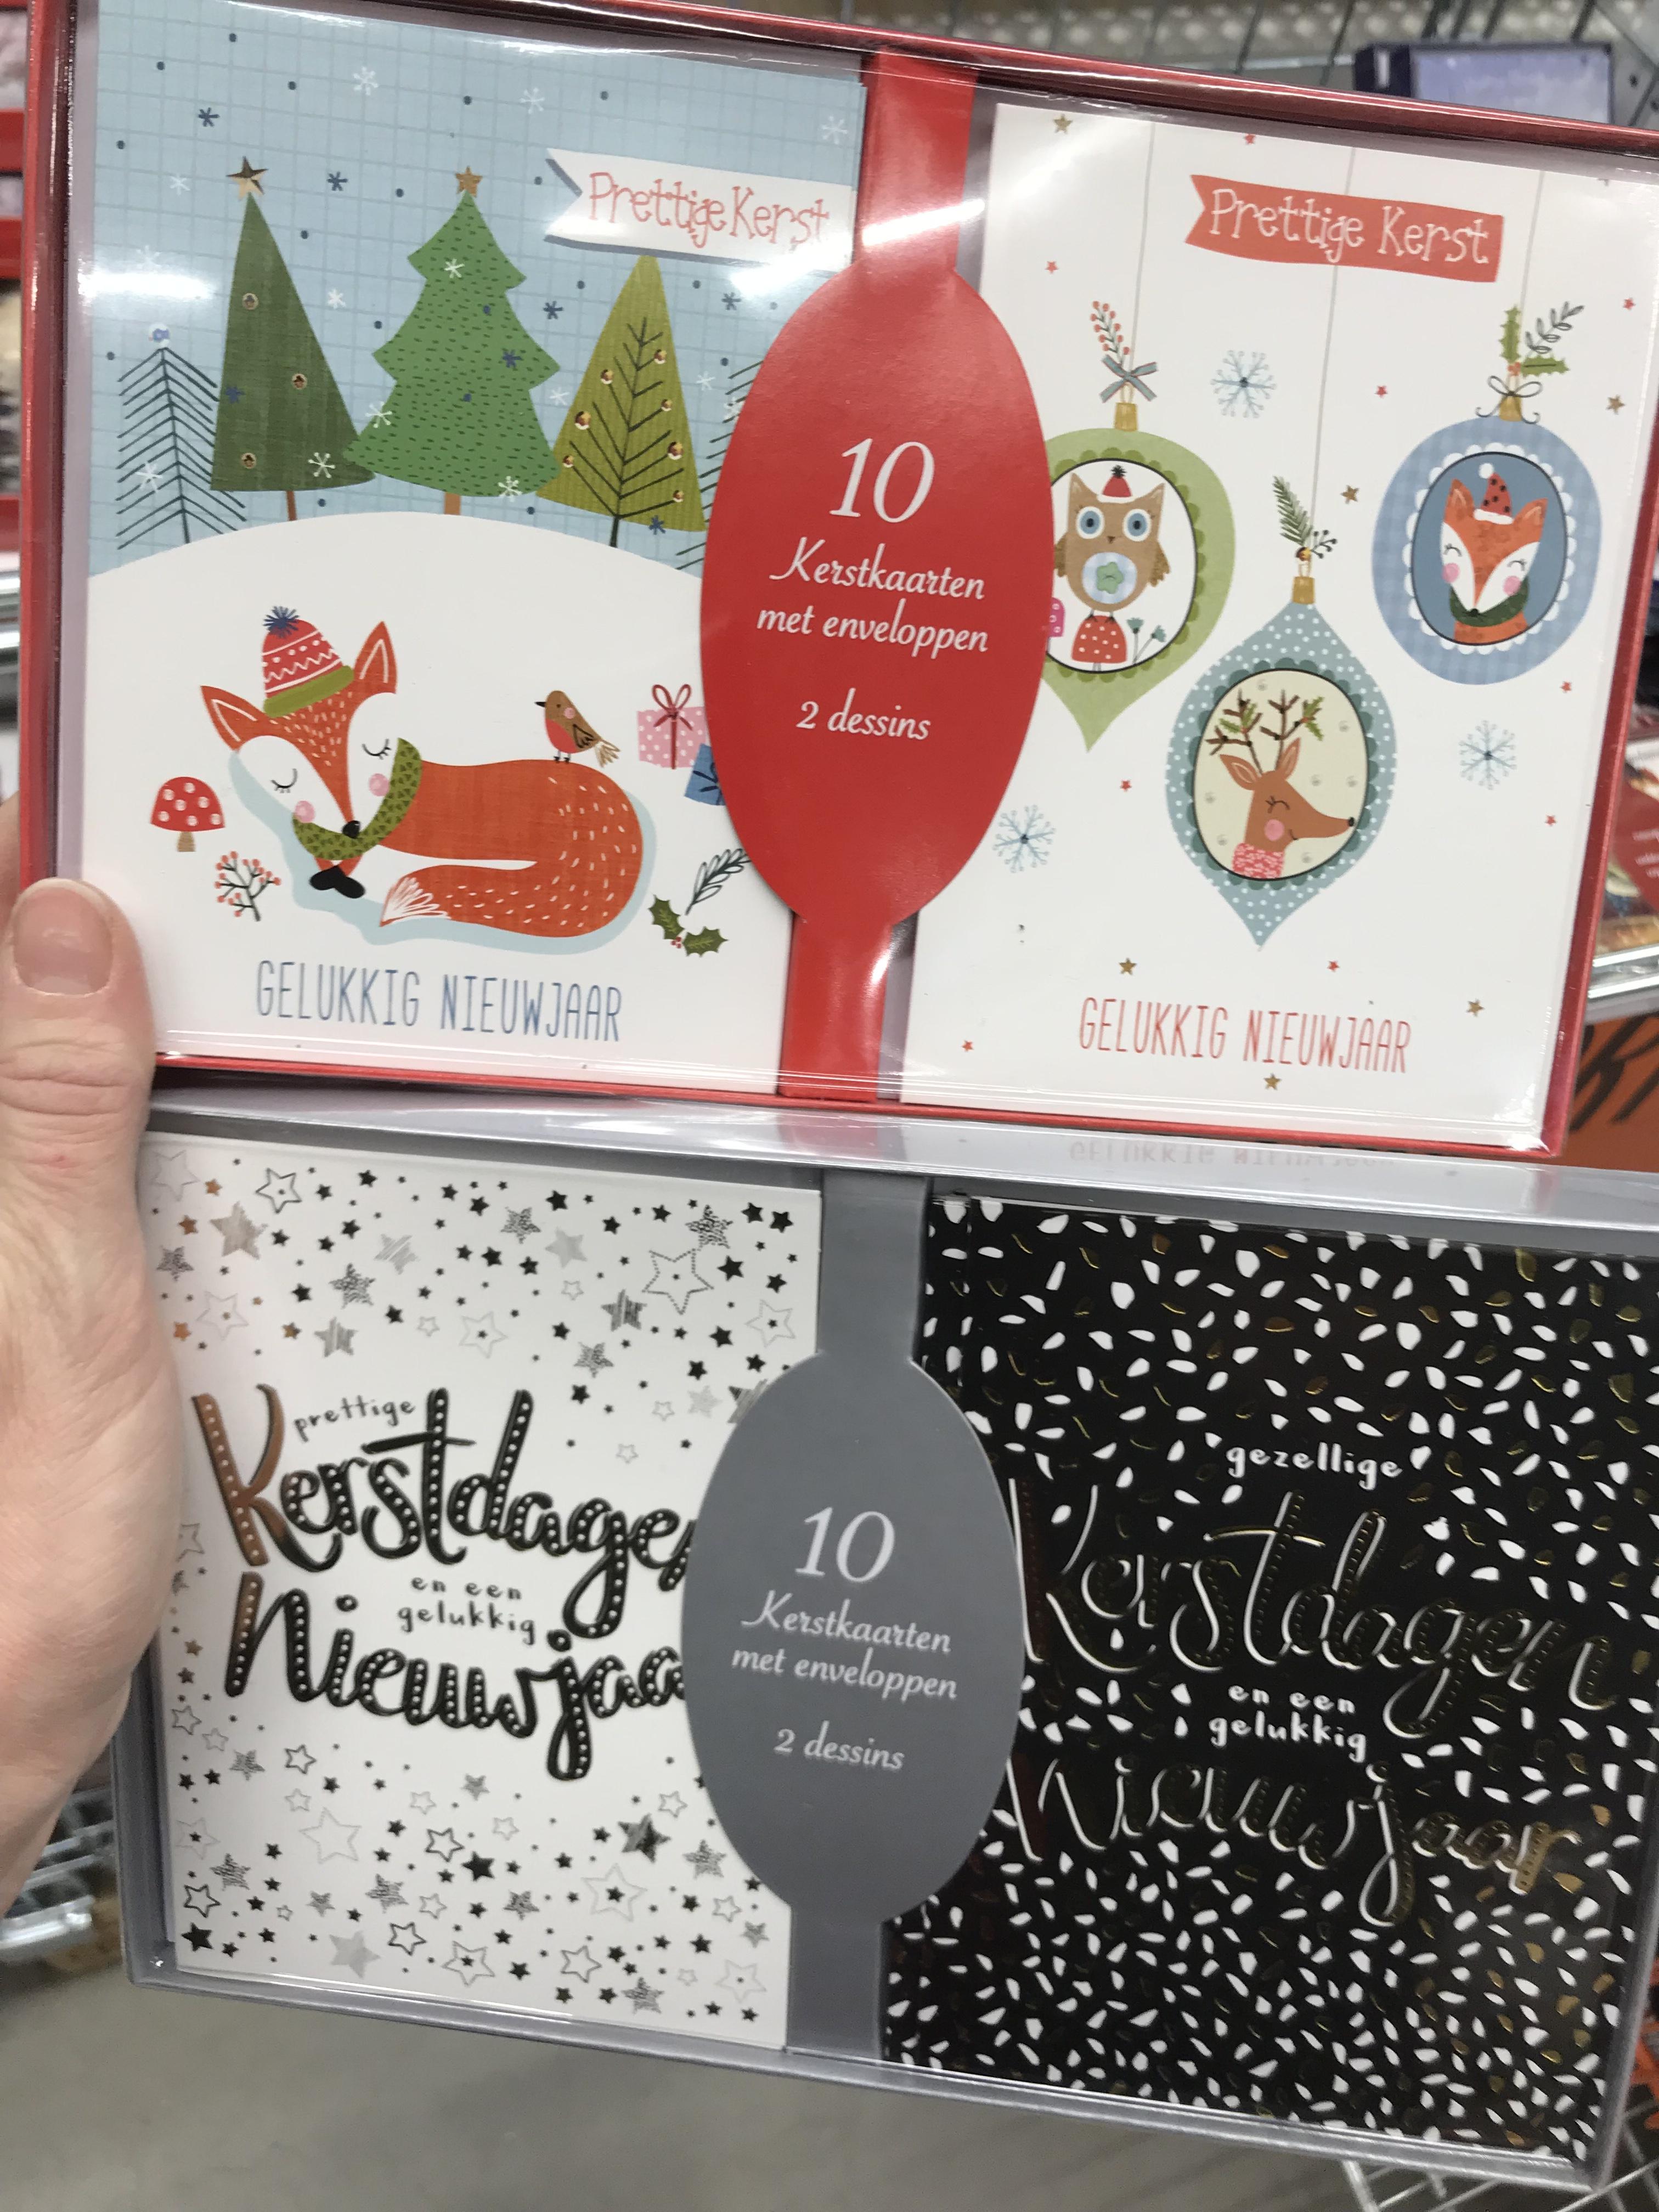 Kerstkaarten met envelop - 10 voor €0,95 bij Hornbach